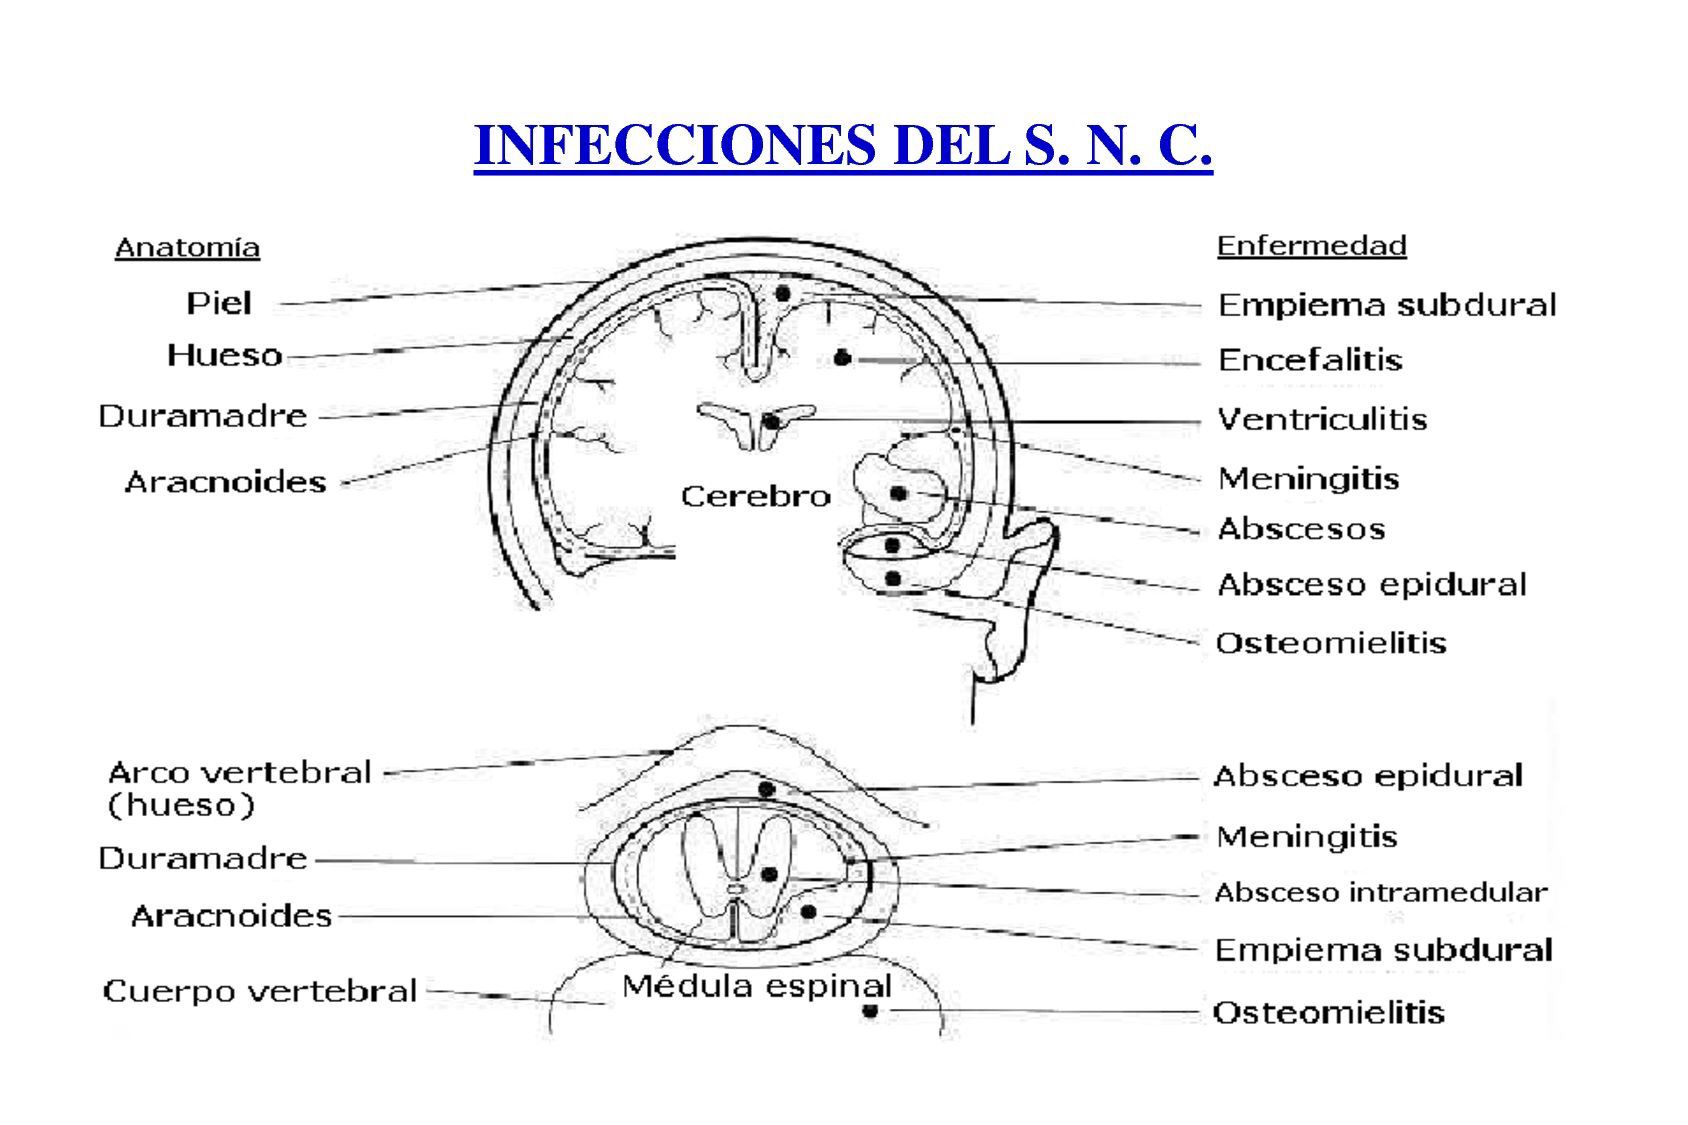 diabetes mellitus tipo 2 afecciones secundarias de la médula espinal